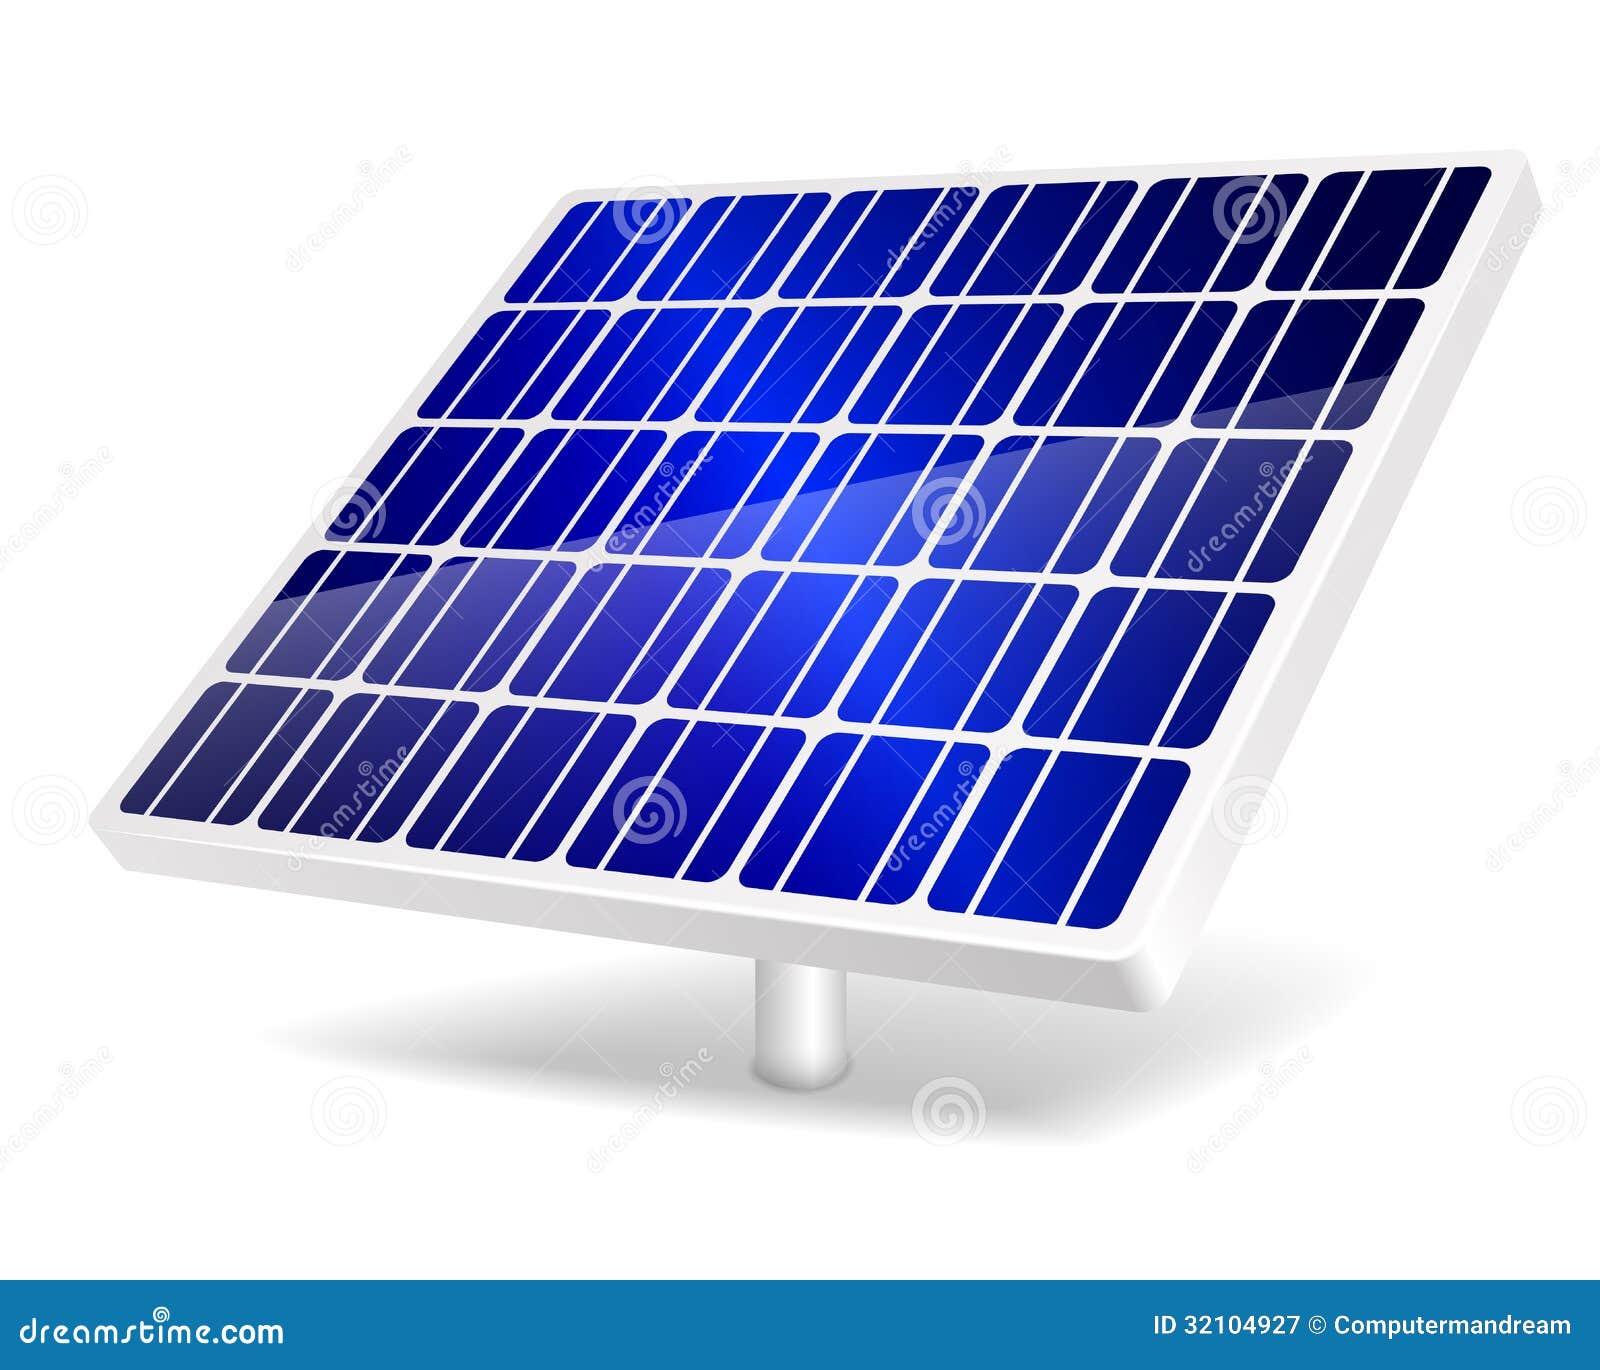 Pannello Solare Danneggiato : Icona del pannello solare illustrazione vettoriale